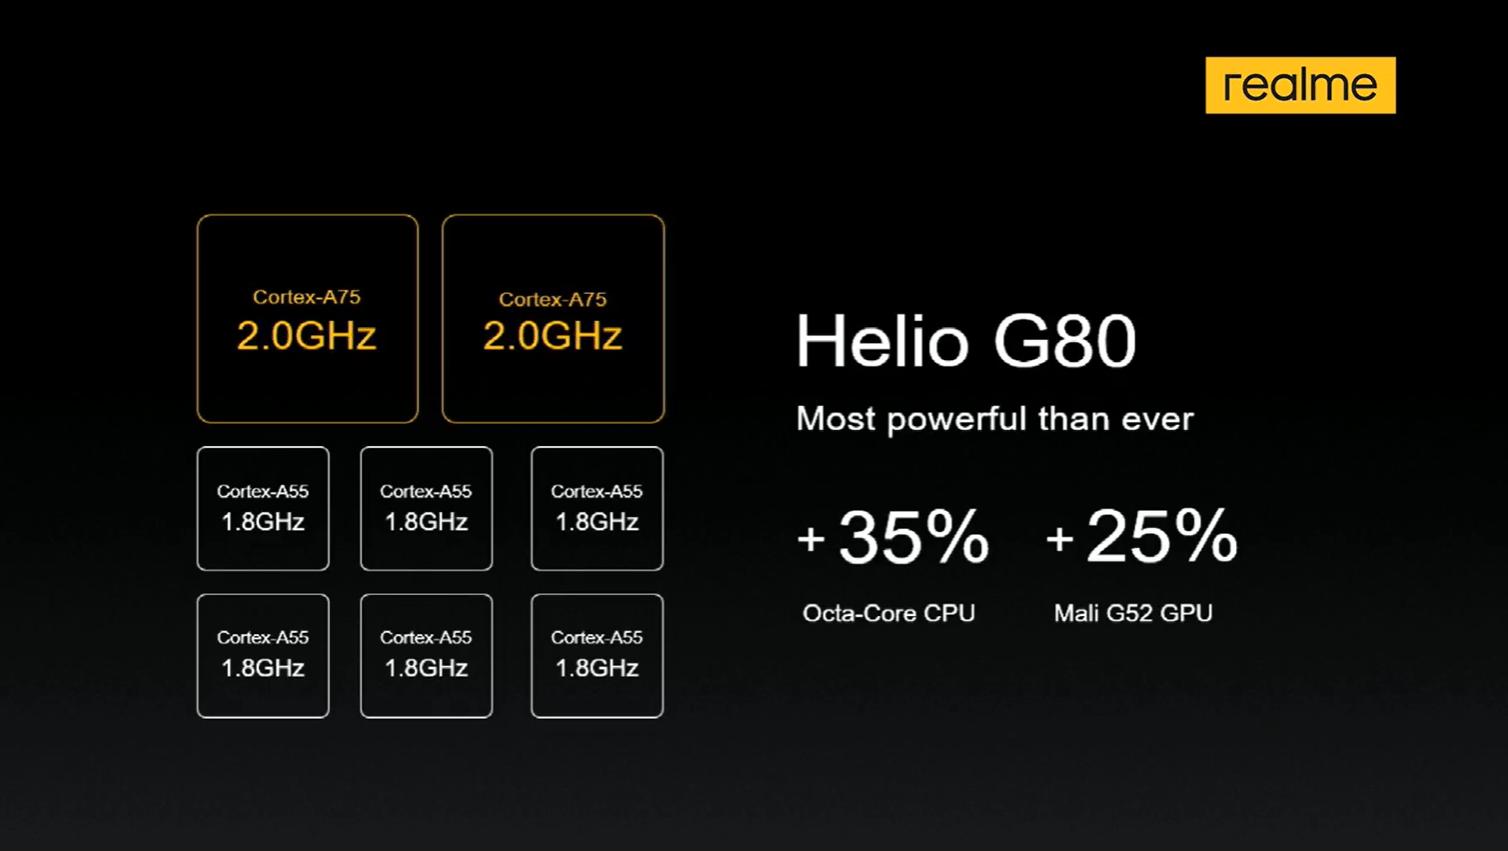 MediaTek Helio G80のベンチマークスコアが判明。VS. Helio G70、Helio G90T、Kirin 810、Snapdragon 730G